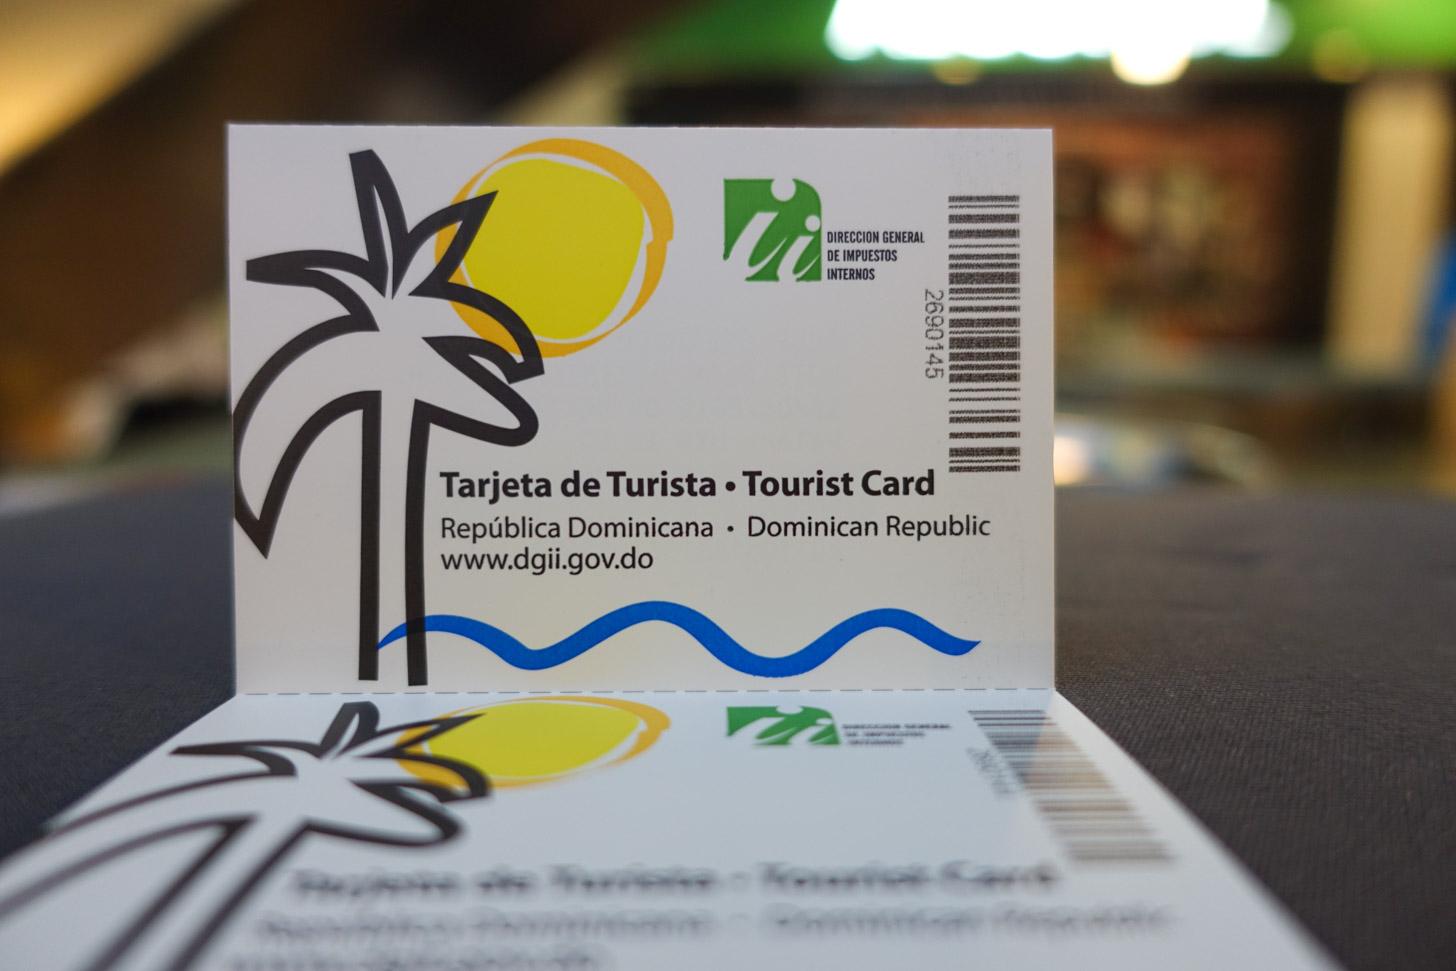 Een toeristenkaart voor de Dominicaanse Republiek